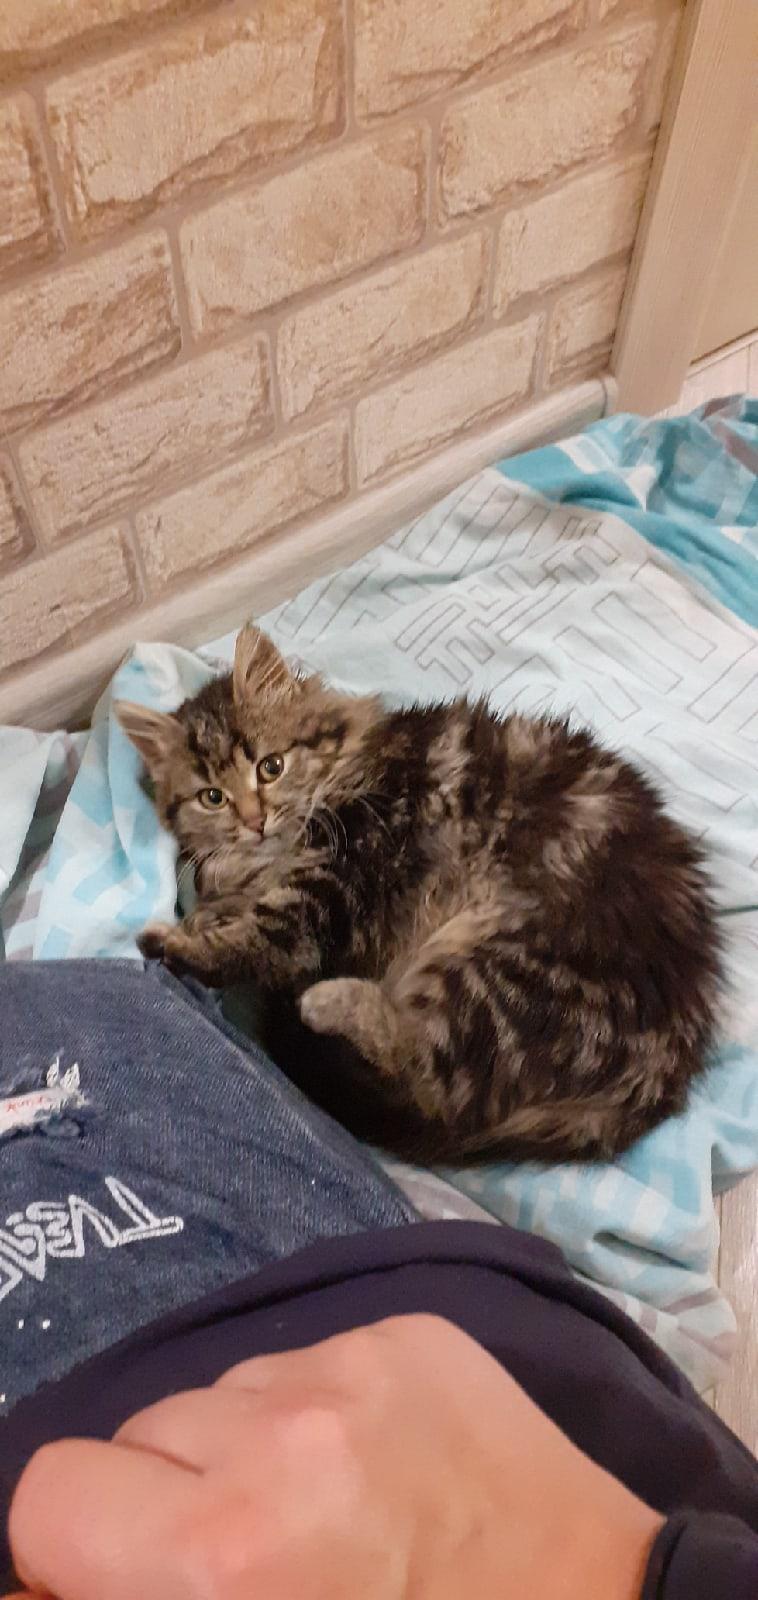 Помогите найти котёнку дом Малышку нашли на улице замёрзшую и жалобно просящую помощи, в квартире ведёт себя спокойно, ручная и очень ласковая, мурчит как трактор .